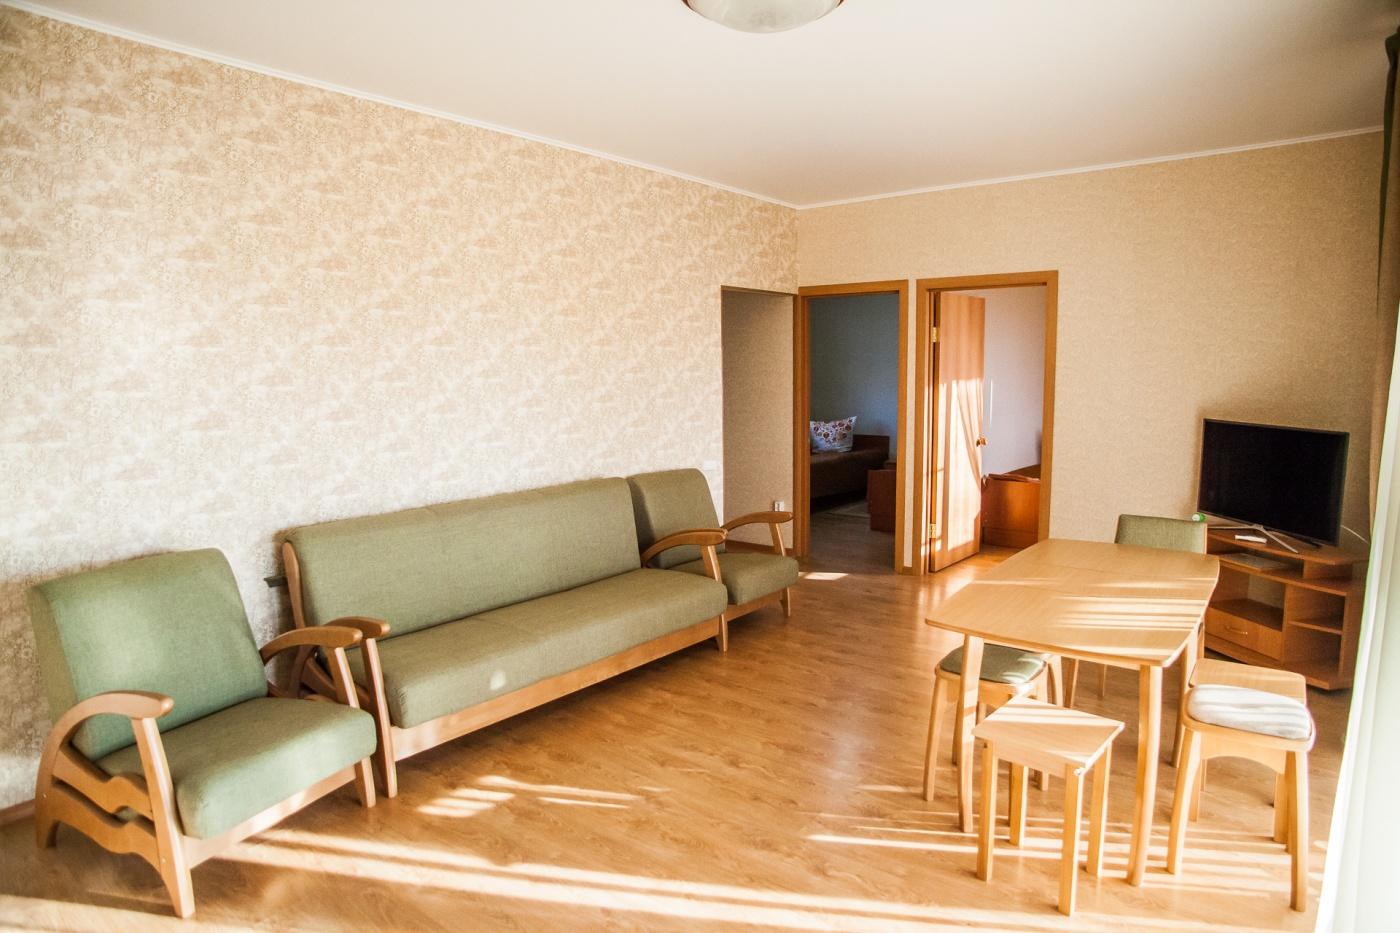 База отдыха «Наша Фазенда» Астраханская область Дом у реки, фото 5